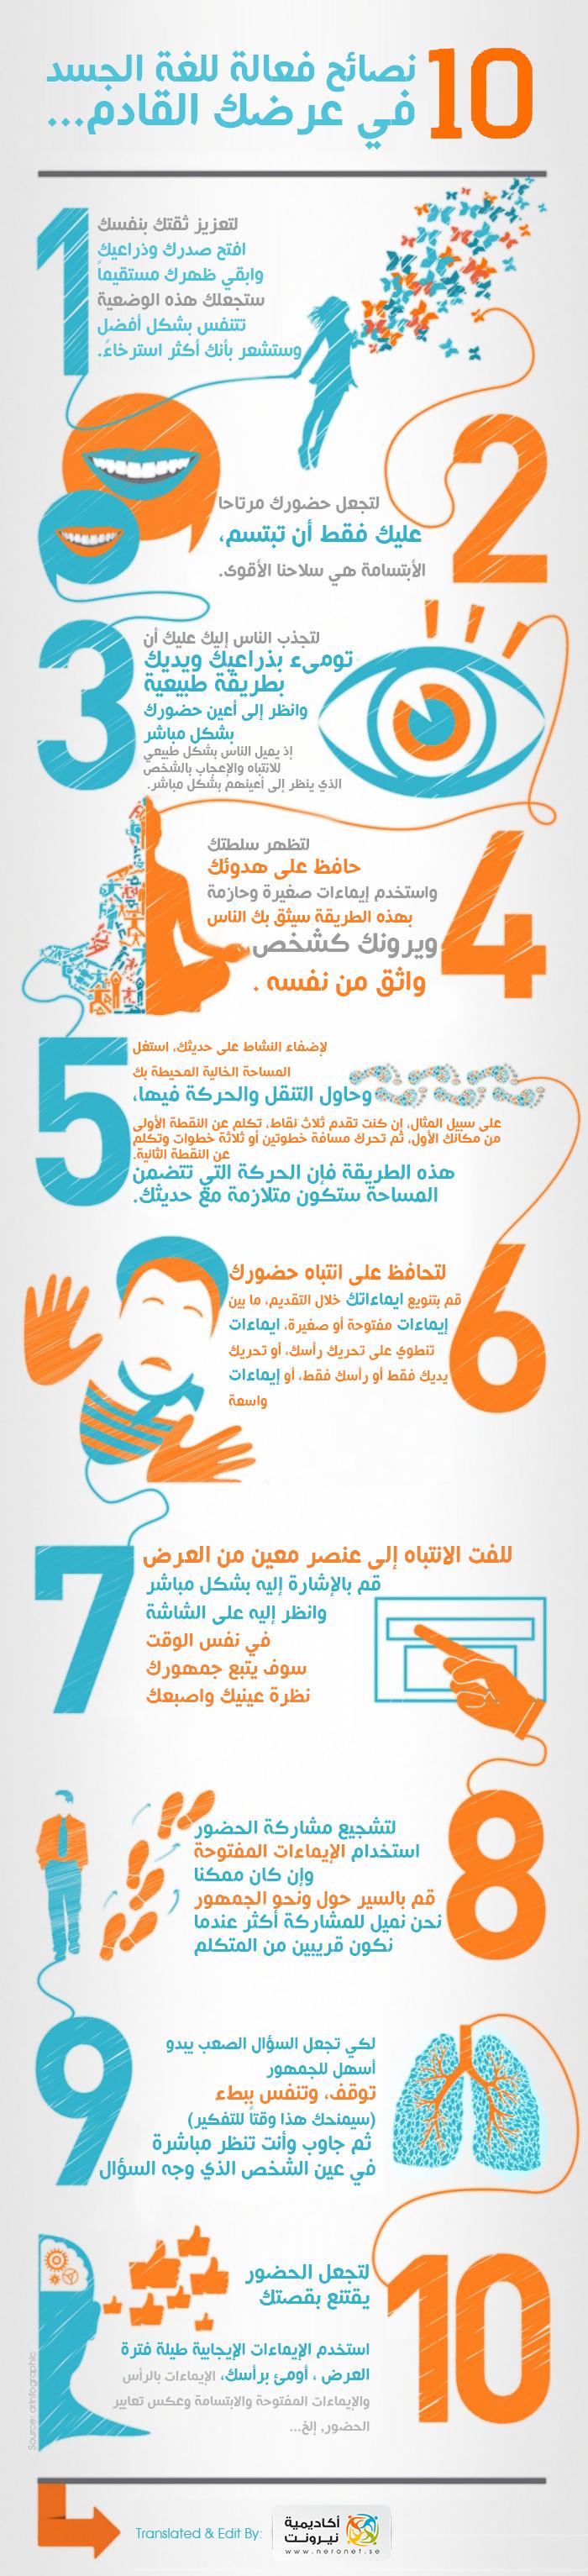 انفوجرافيك 10 نصائح فعالة للغة الجسد في عرضك التقديمي Public Speaking Presentation Skills Body Language